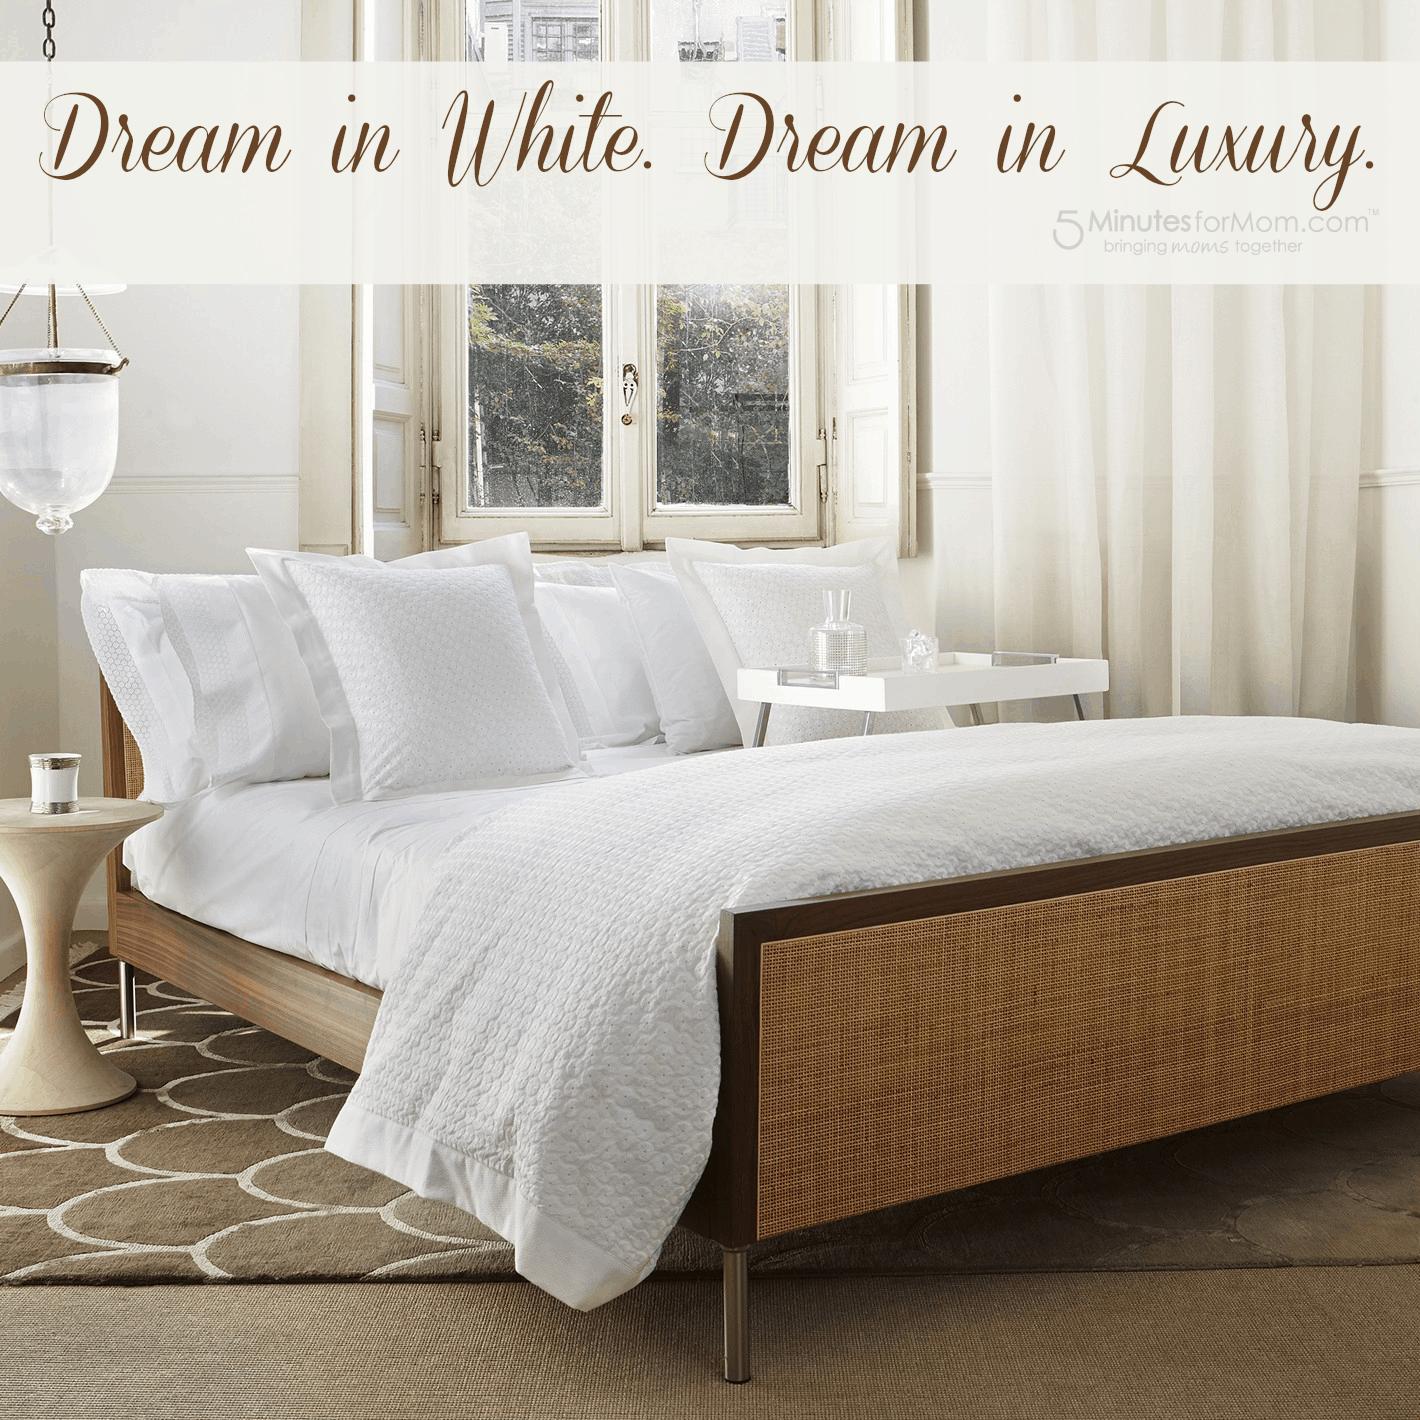 Dream in White